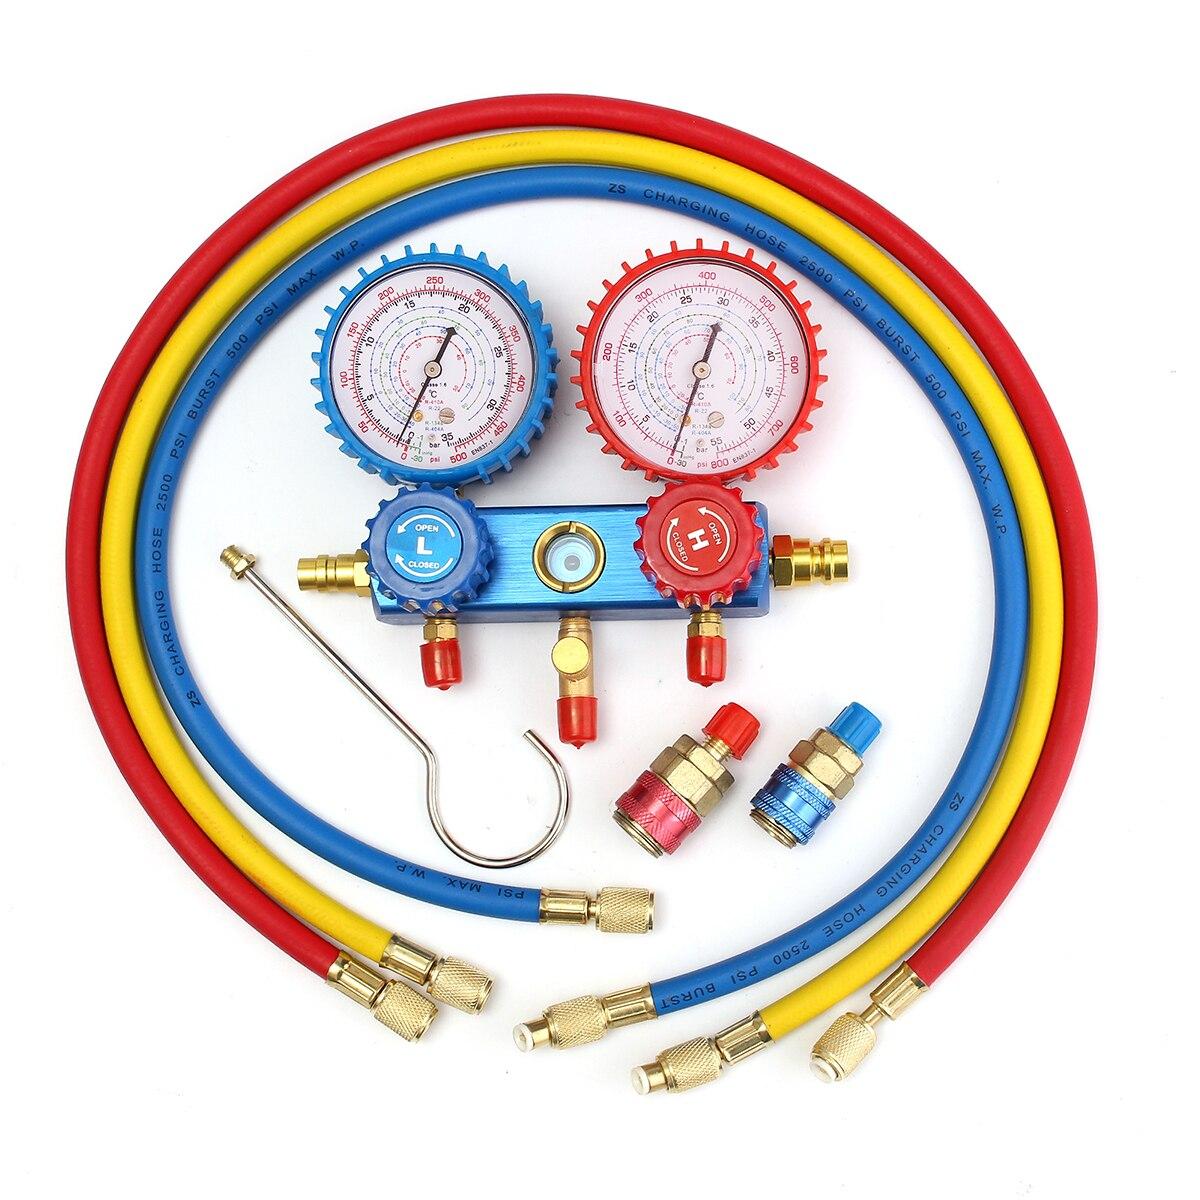 Манометр набор A/C R134A с 2 быстрой смены навесного оборудования набор кабелей для R134A кондиционер холодильной Авто манометр